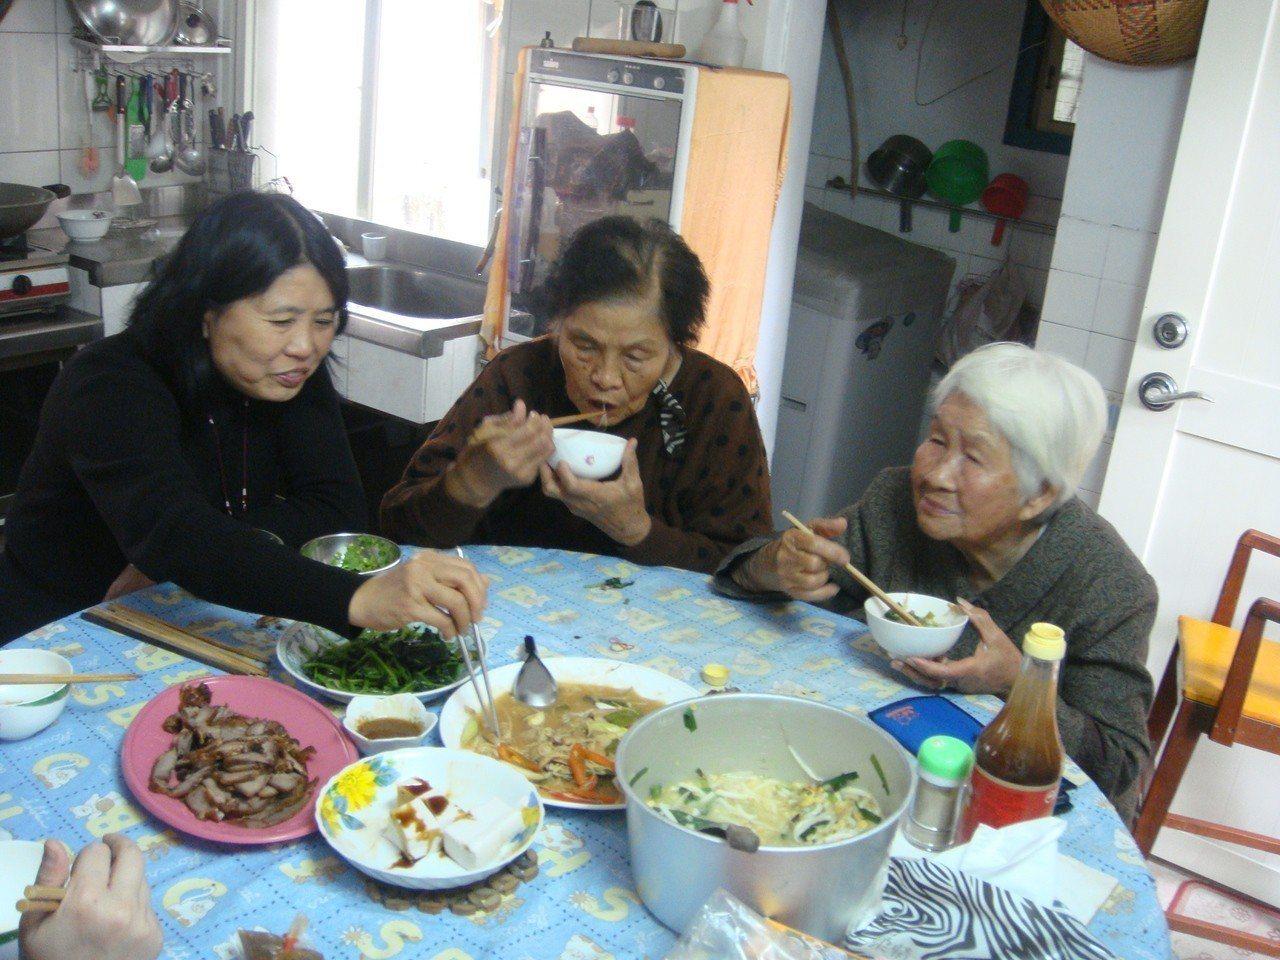 林鍾昭妹(右白髮者,拍攝時91歲)以手藝替代口述,告訴我們她在廚房的實驗與追求。